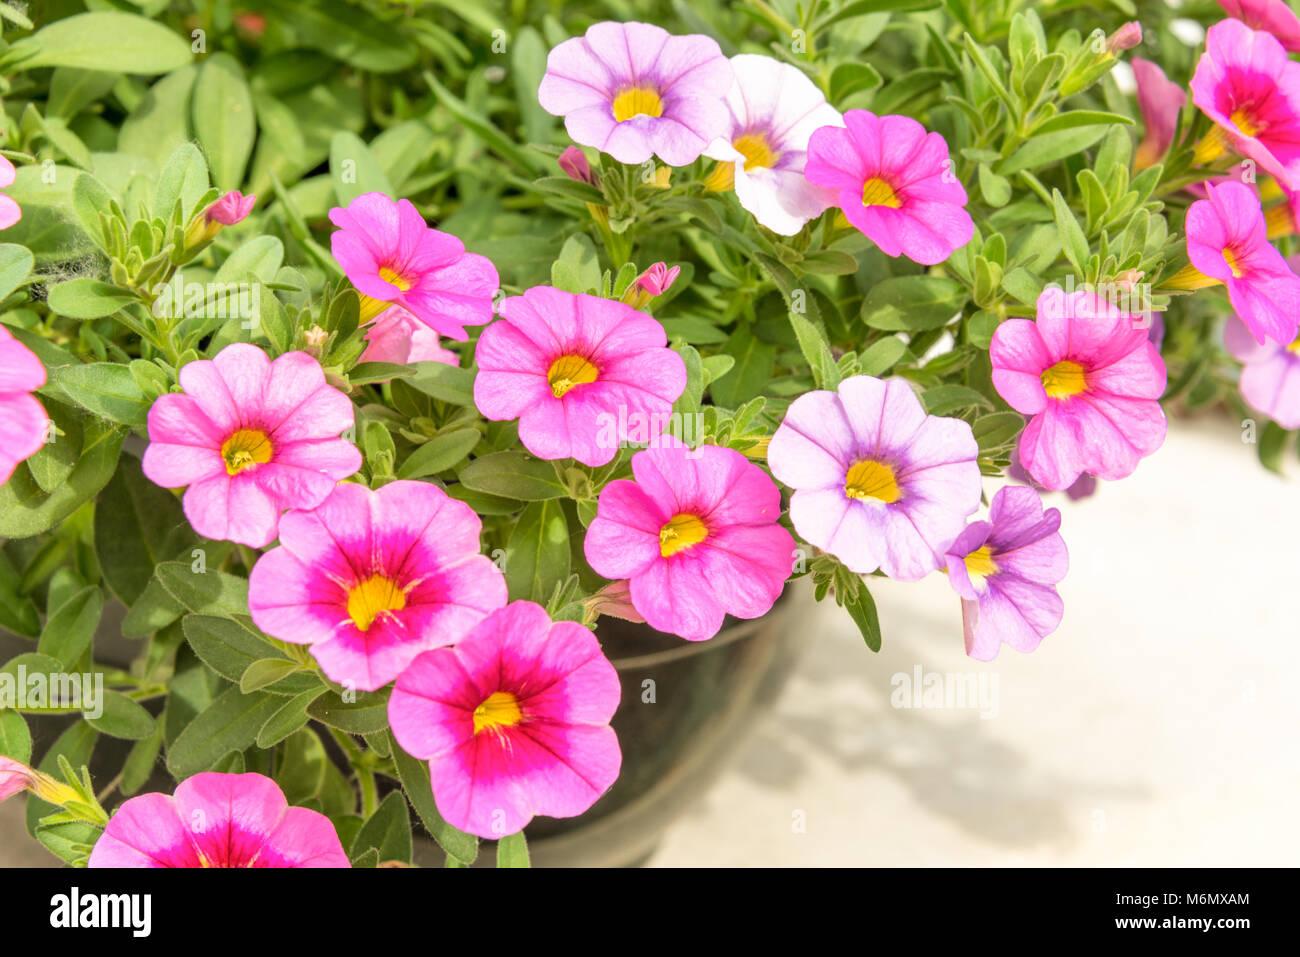 Close Up Of Petunia Flowers Stock Photos & Close Up Of Petunia ...